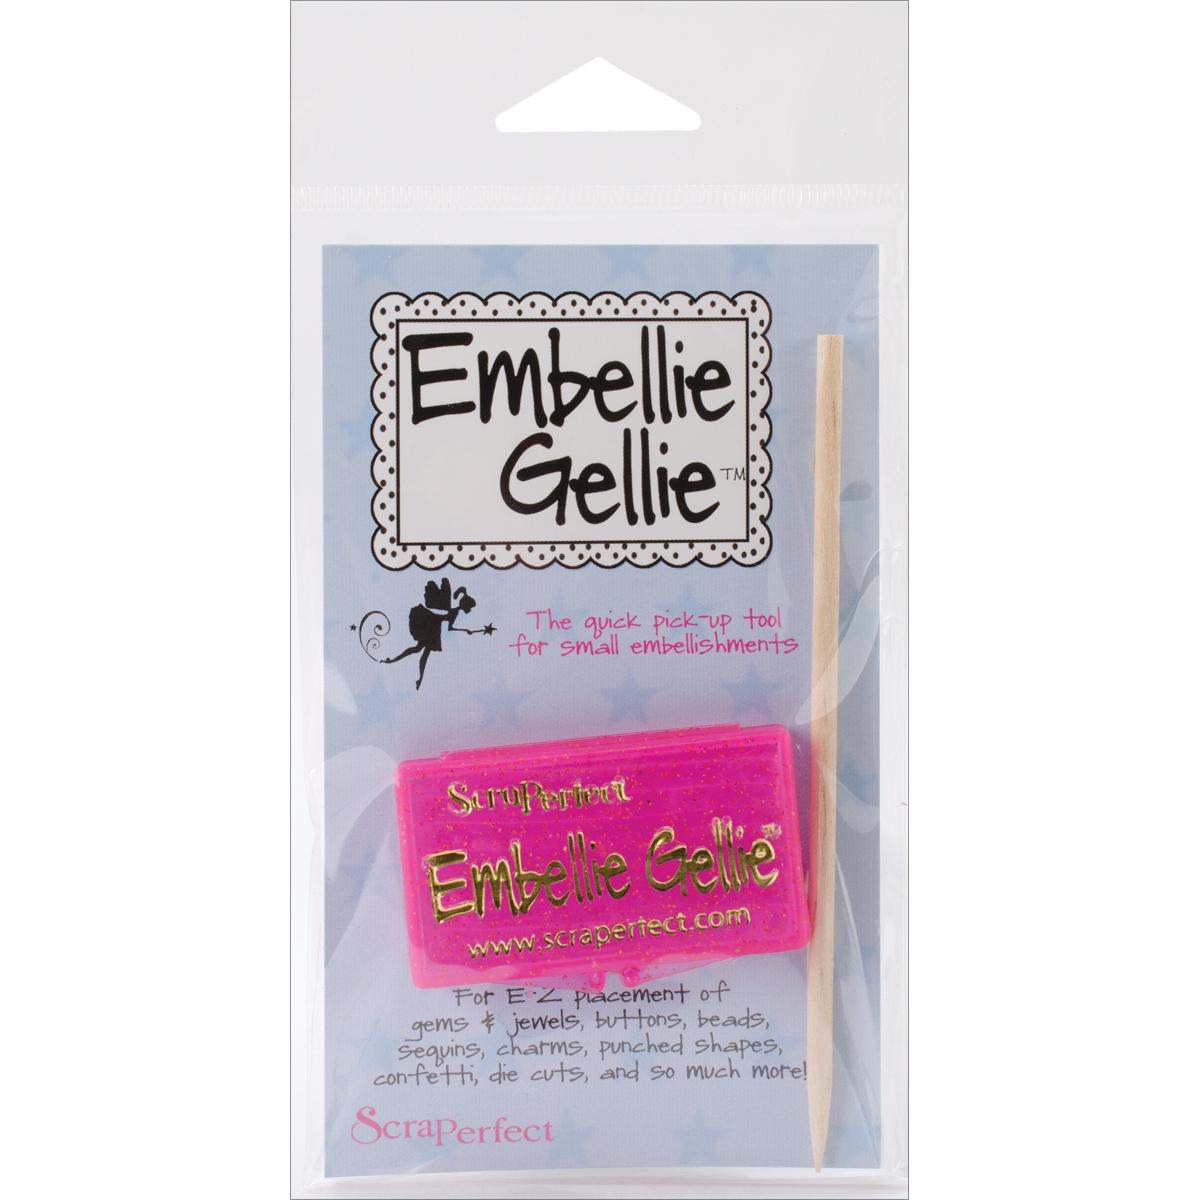 Embellie Gellie Tool-